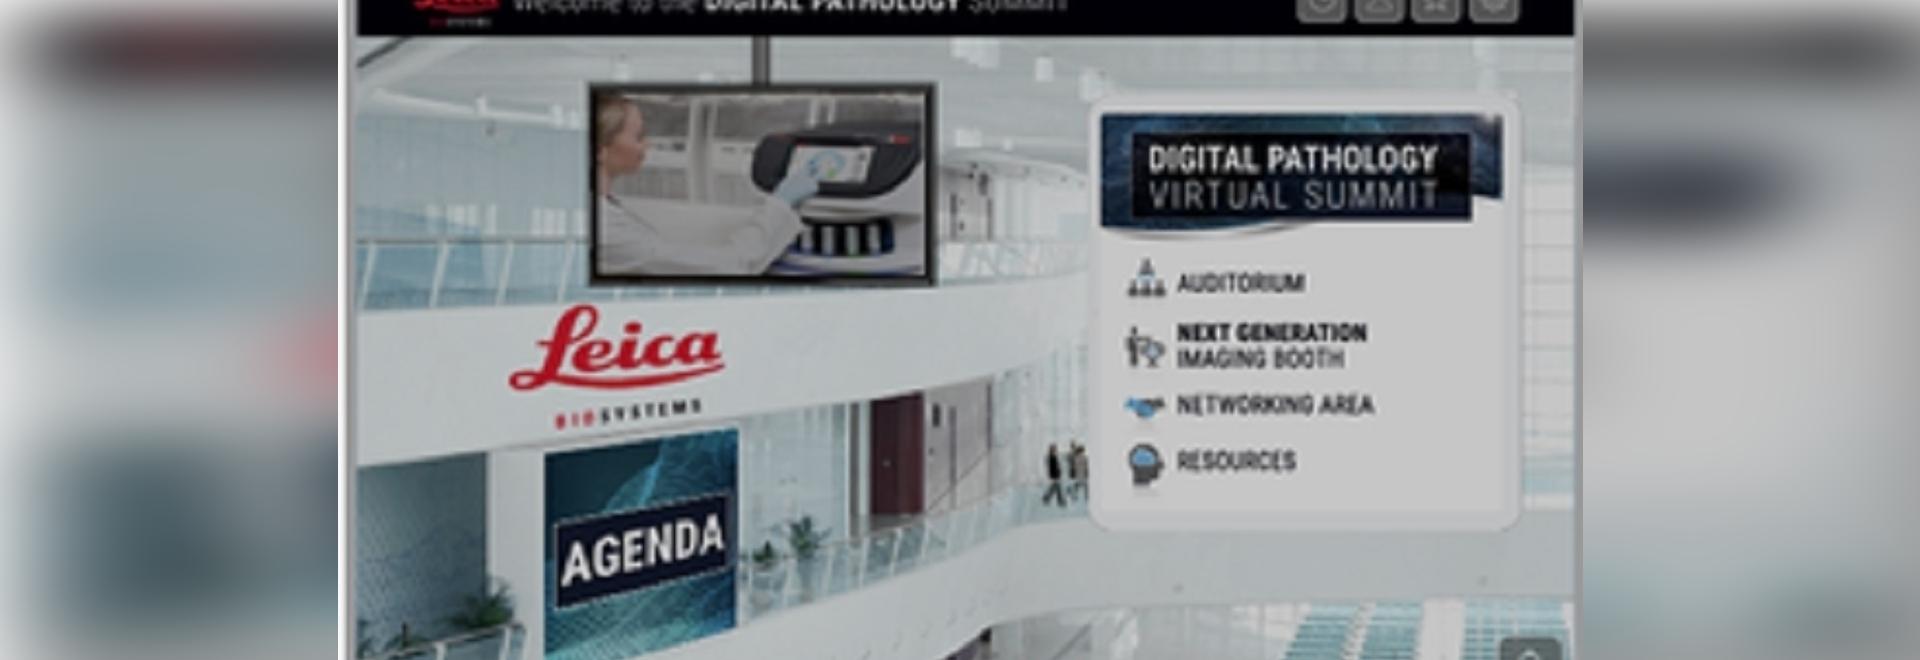 Leica Biosystems presenta su escáner de patología digital Aperio GT 450 DX y entrega la excelencia a los hospitales docentes de Leeds NHS Trust, Reino Unido